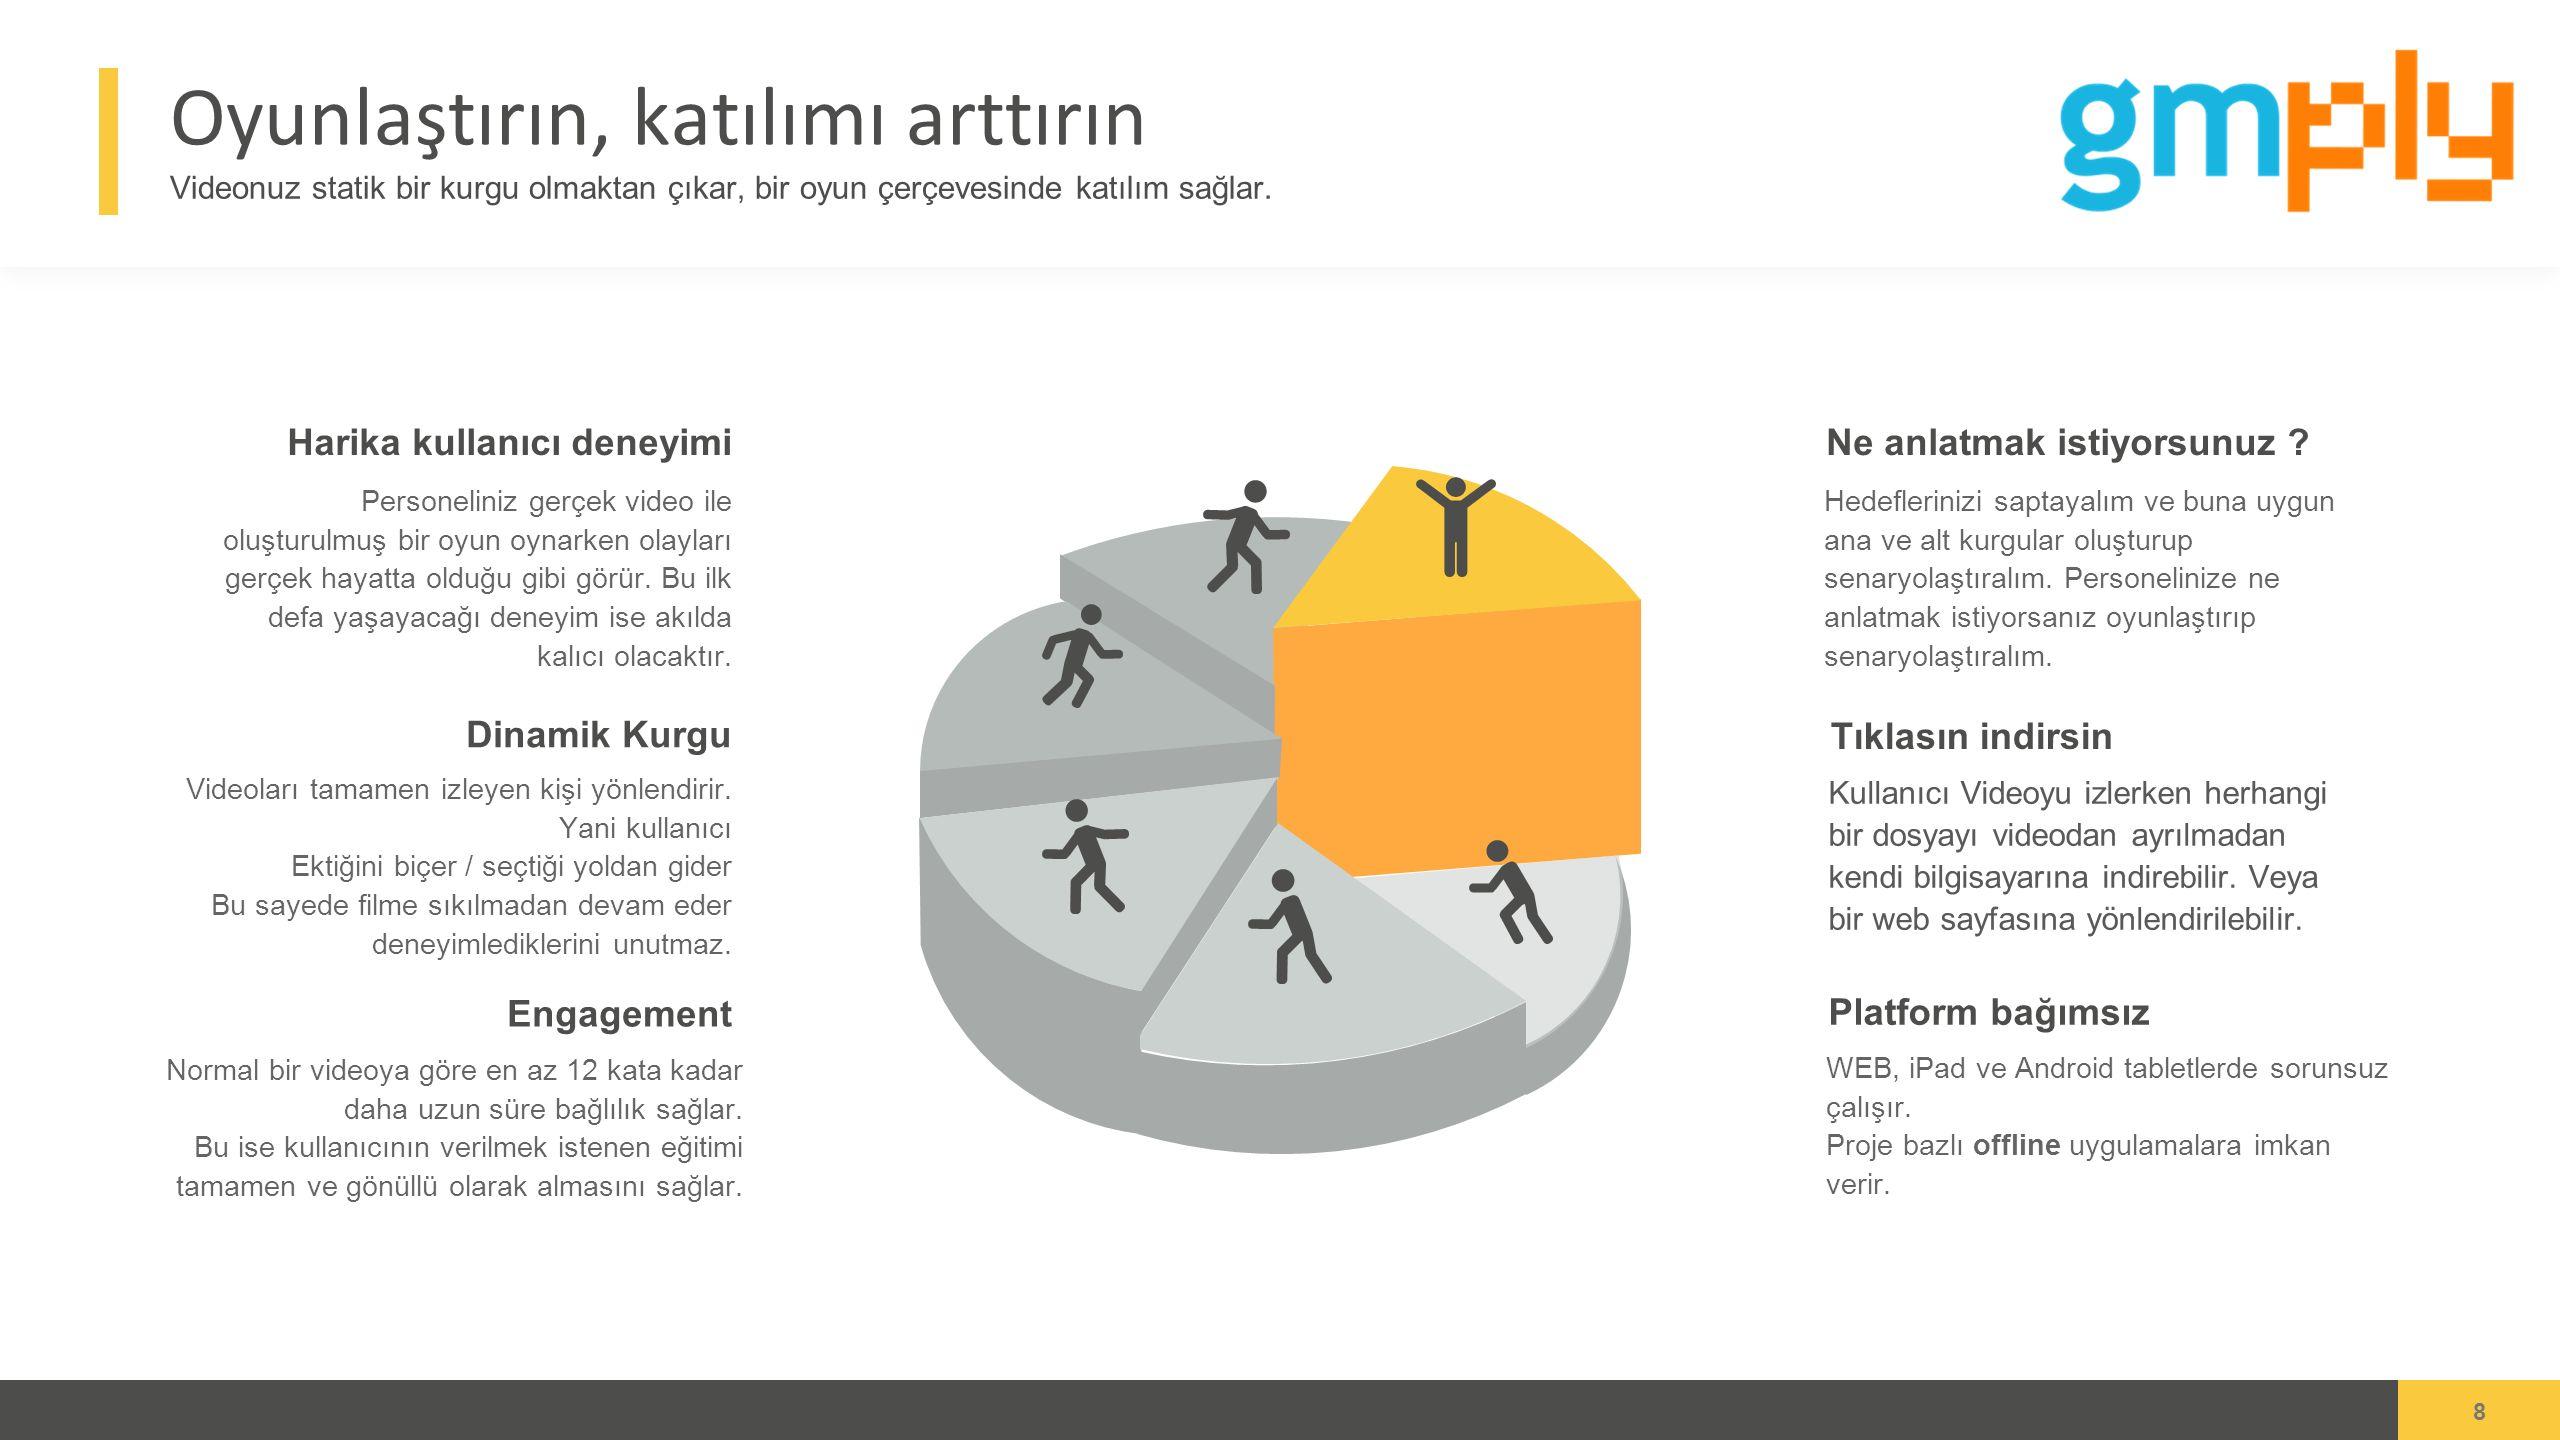 Advert keynote presentation - 2015 Oyunlaştırın, katılımı arttırın Videonuz statik bir kurgu olmaktan çıkar, bir oyun çerçevesinde katılım sağlar.